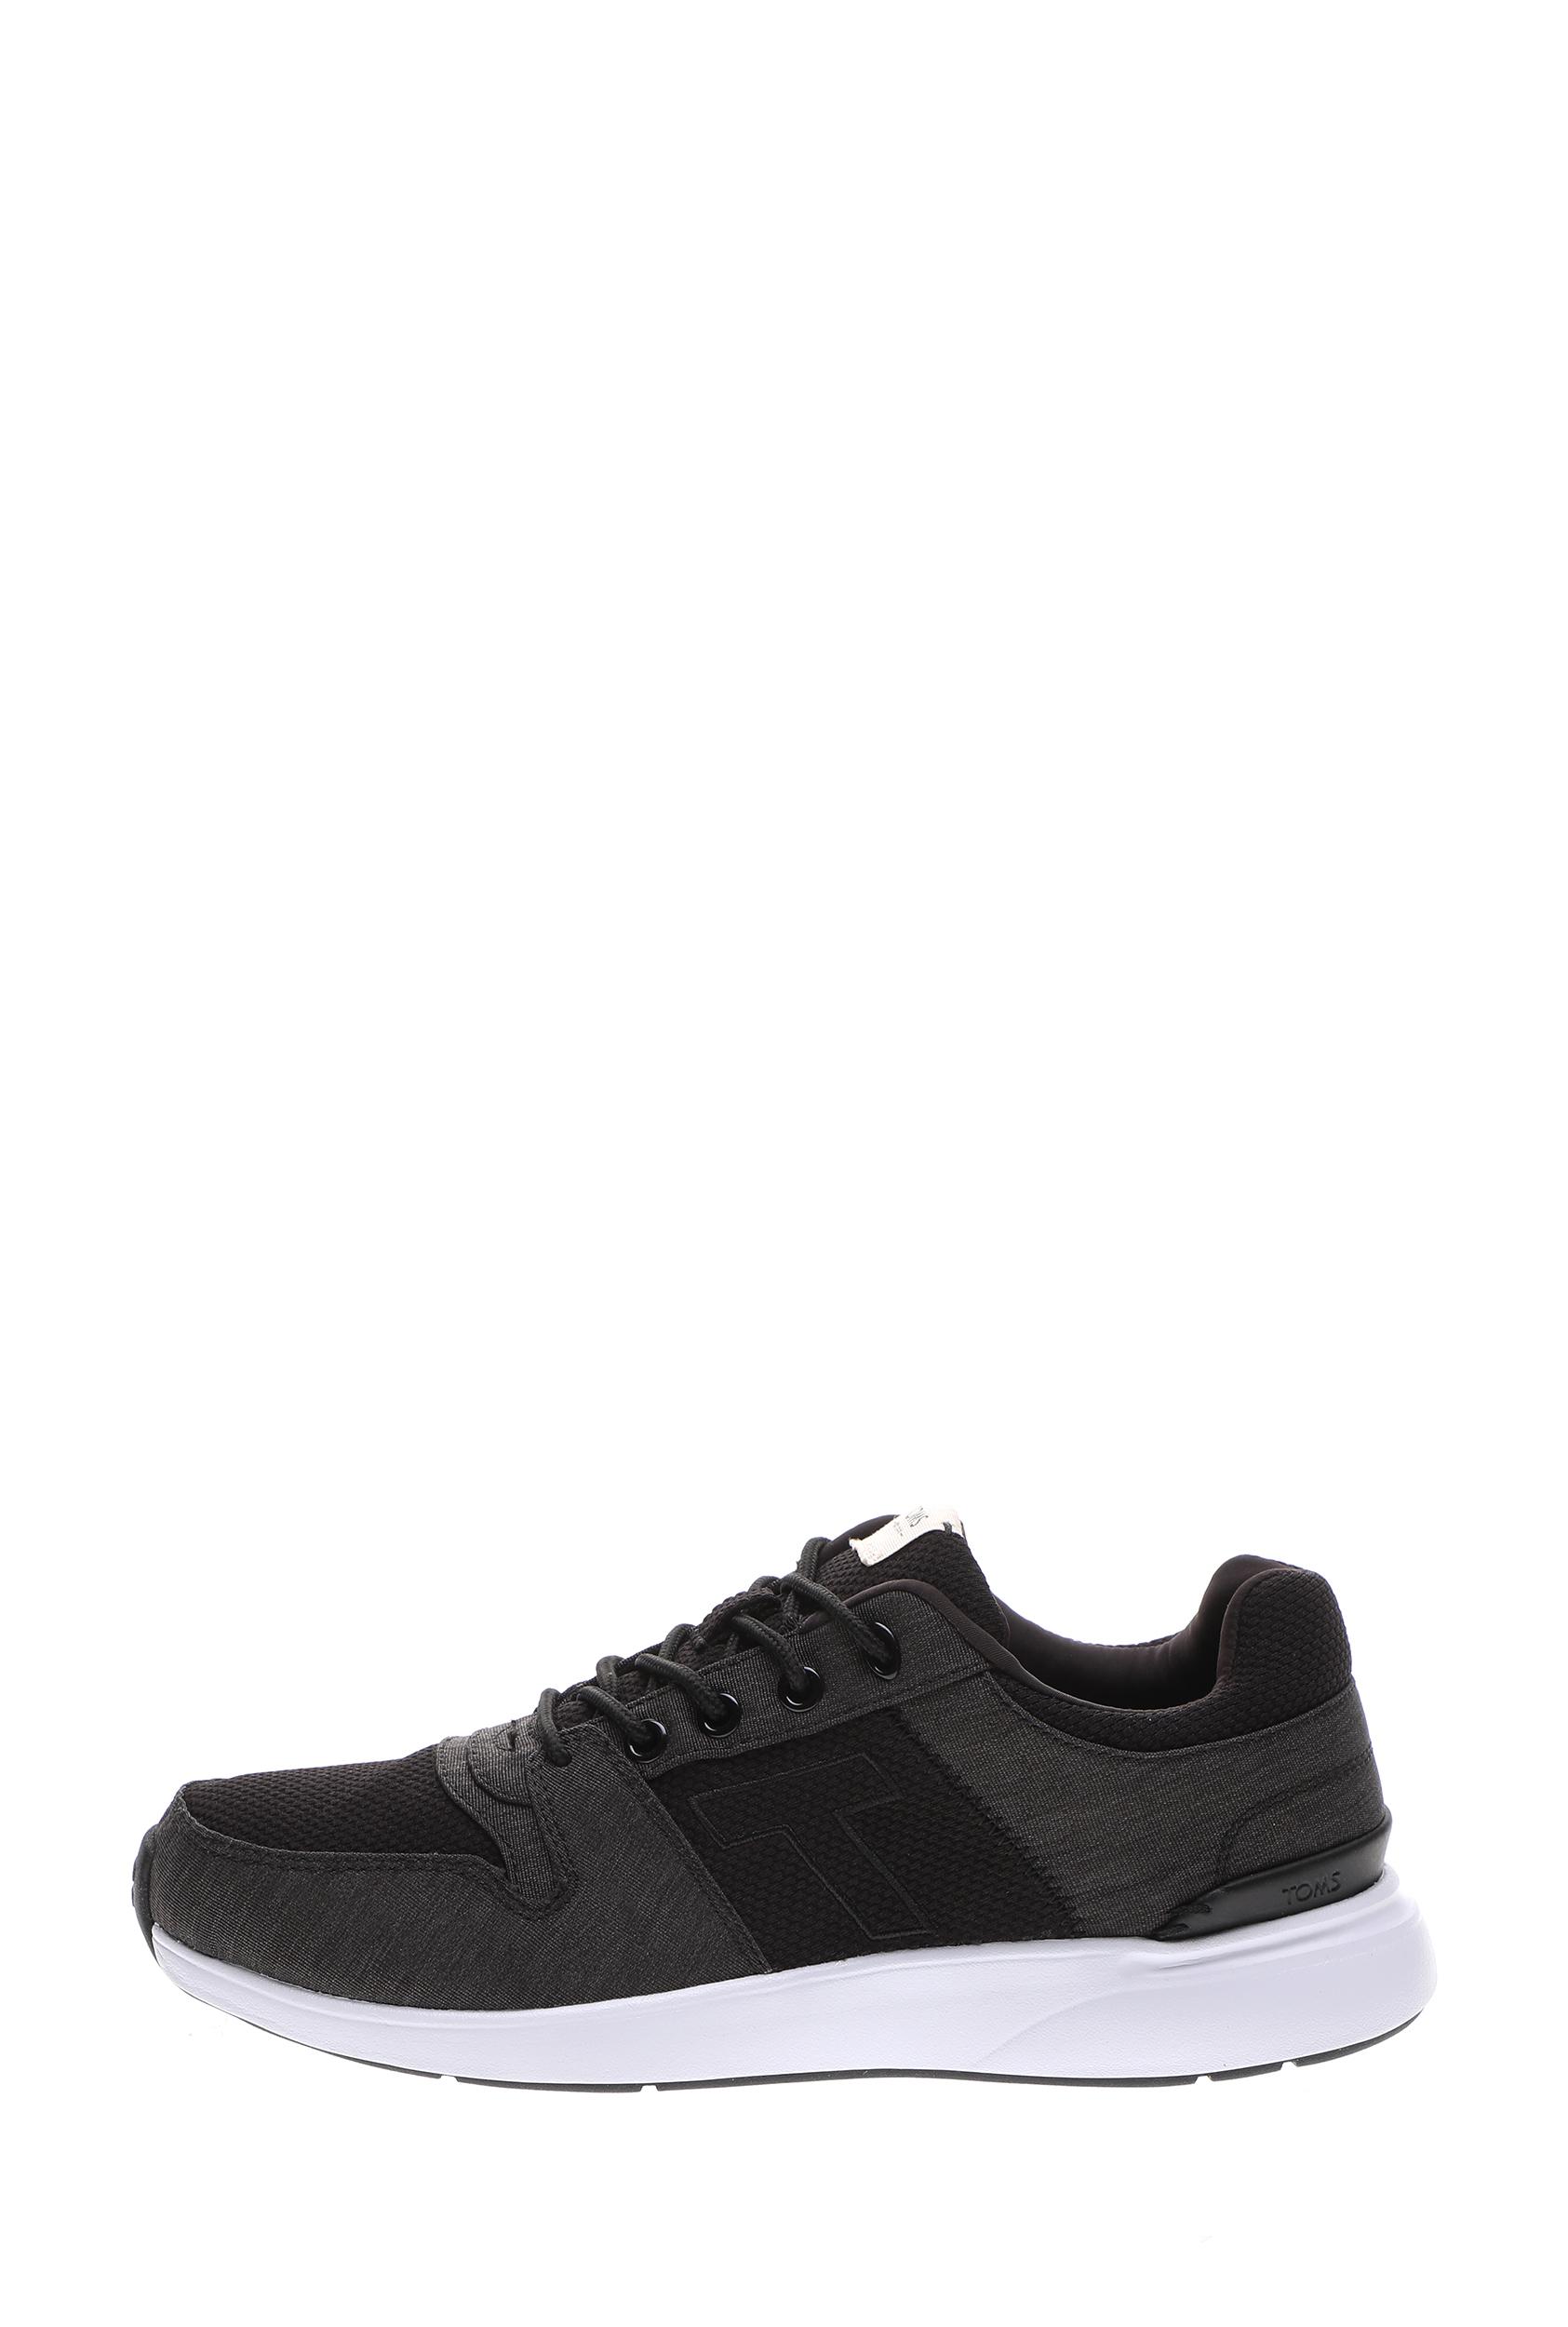 TOMS – Ανδρικά sneakers TOMS BLK VARGT WOV/SPORT MN ARRYO S μαύρα